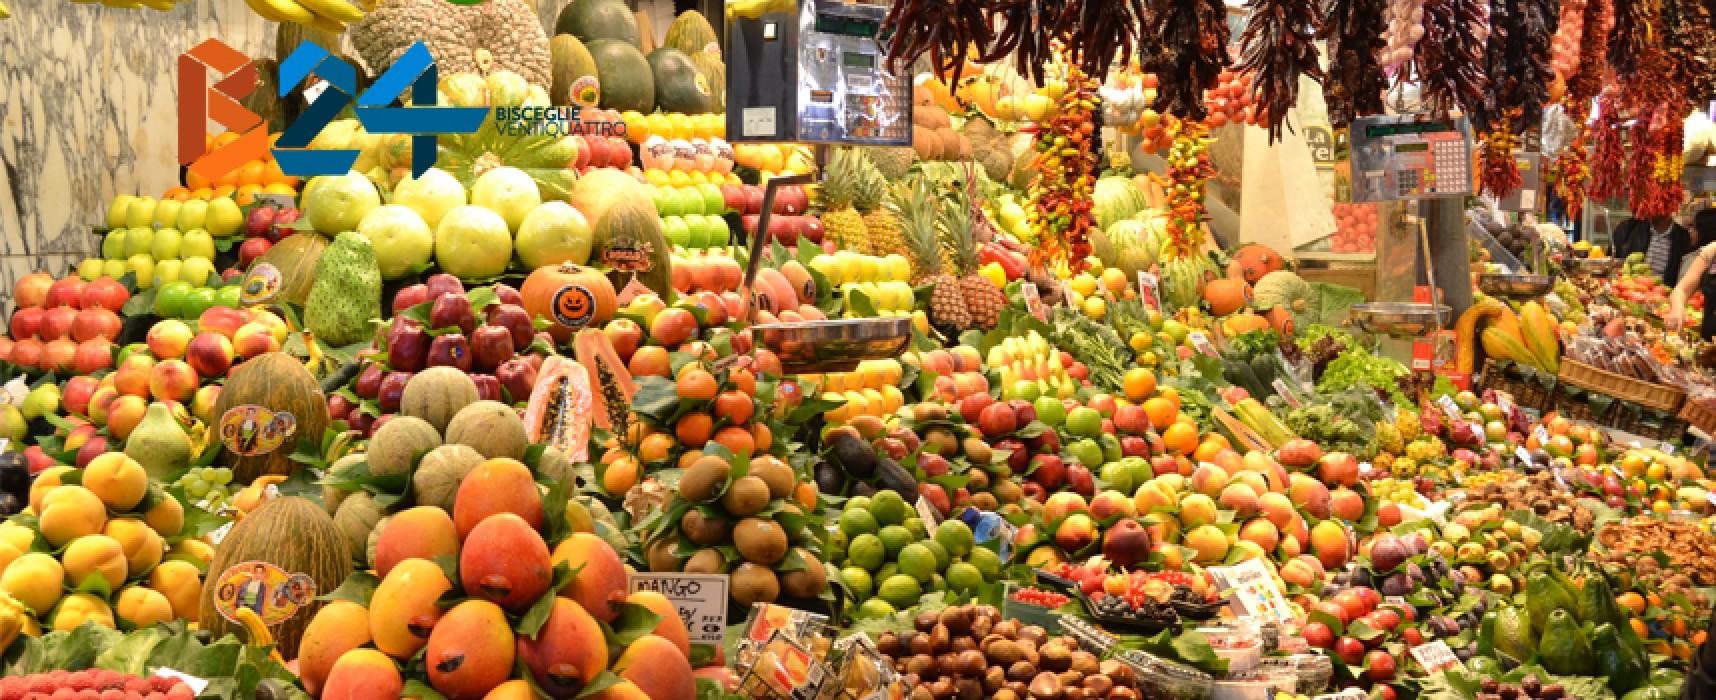 Bisceglie ospita il primo convegno internazionale sul settore agroalimentare